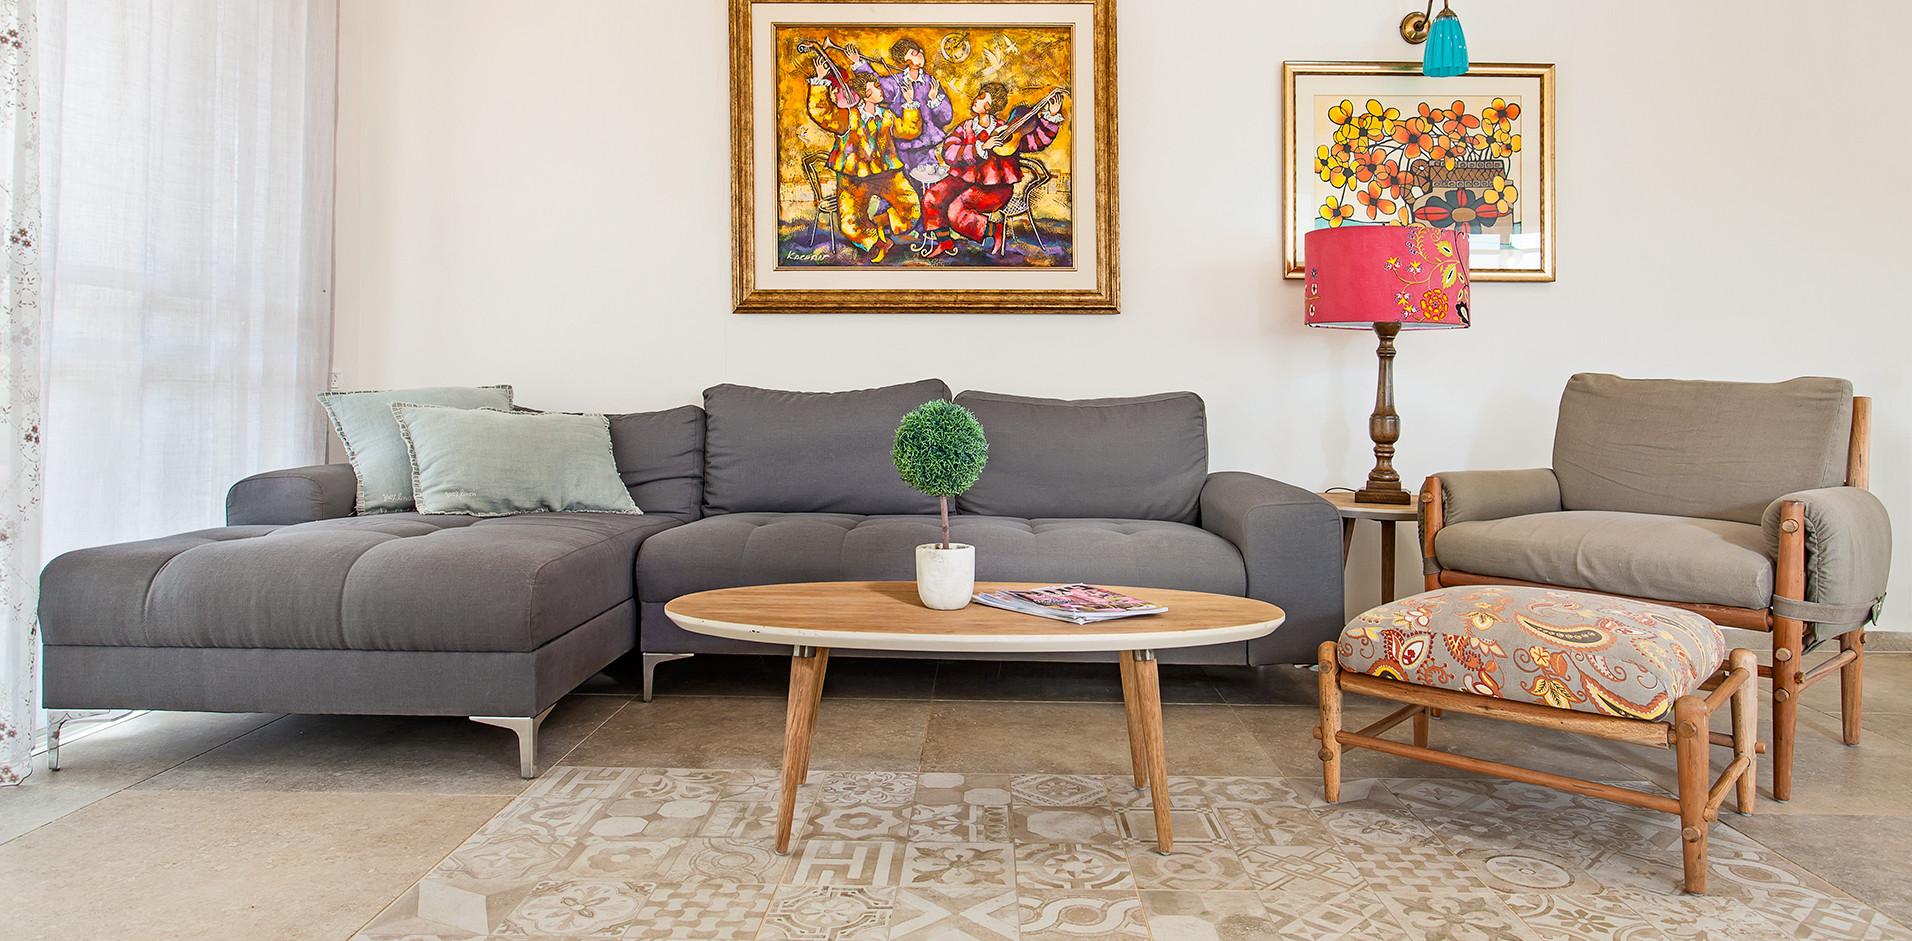 בית מונגש- ללא שטיחים אבל עיטור ברצפה, ספה קשה במיוחד- והרבה צבע ושמחת חיים